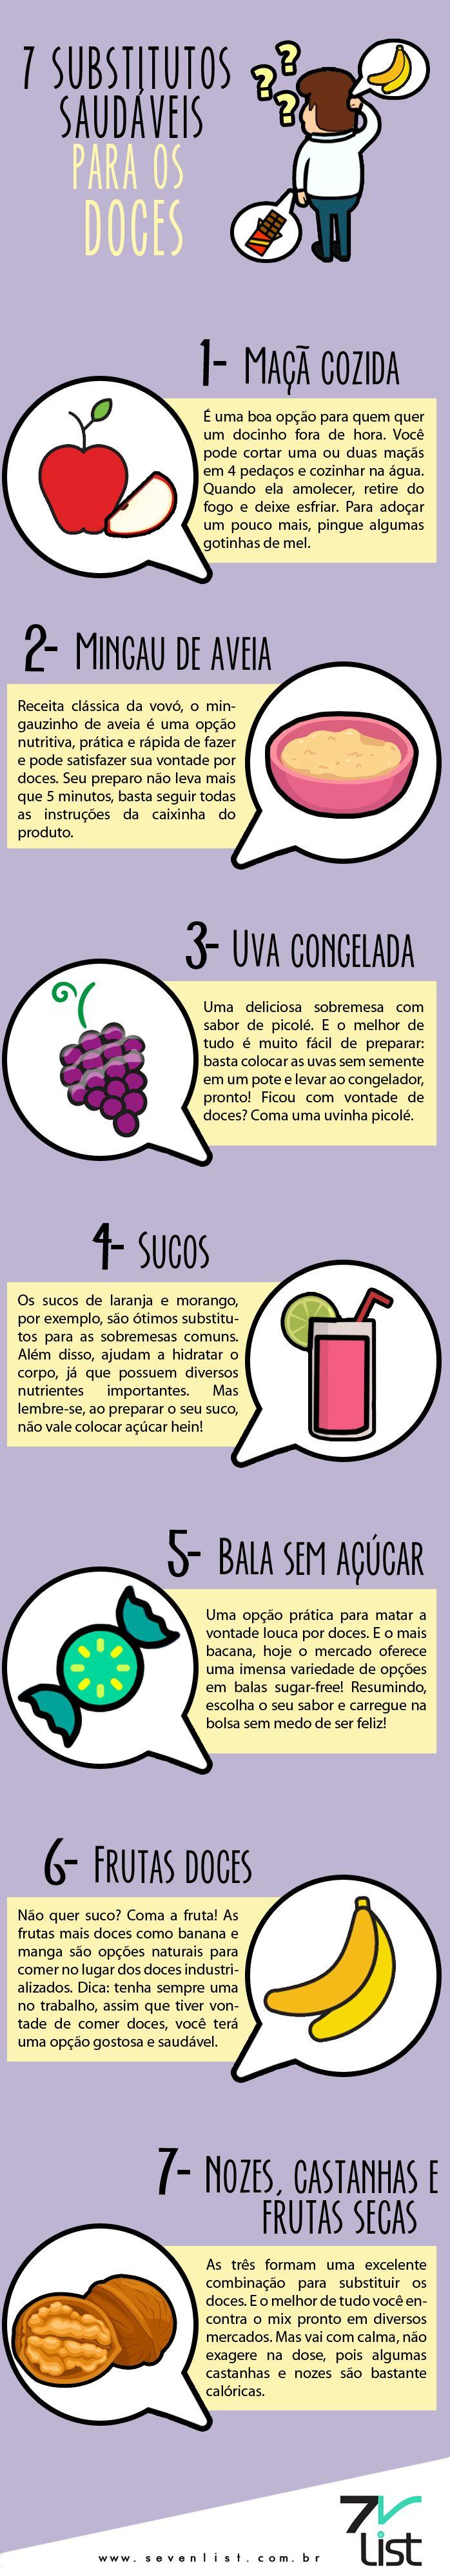 infográfico / Infographic / design / doces / substitutos / alimentação / alergia / diabetes / opção saudável / maçã / mingau / uva / sucos / bala sem açúcar /frutas / nozes / castanha #frutas secas / açúcar www.sevenlist.com.br